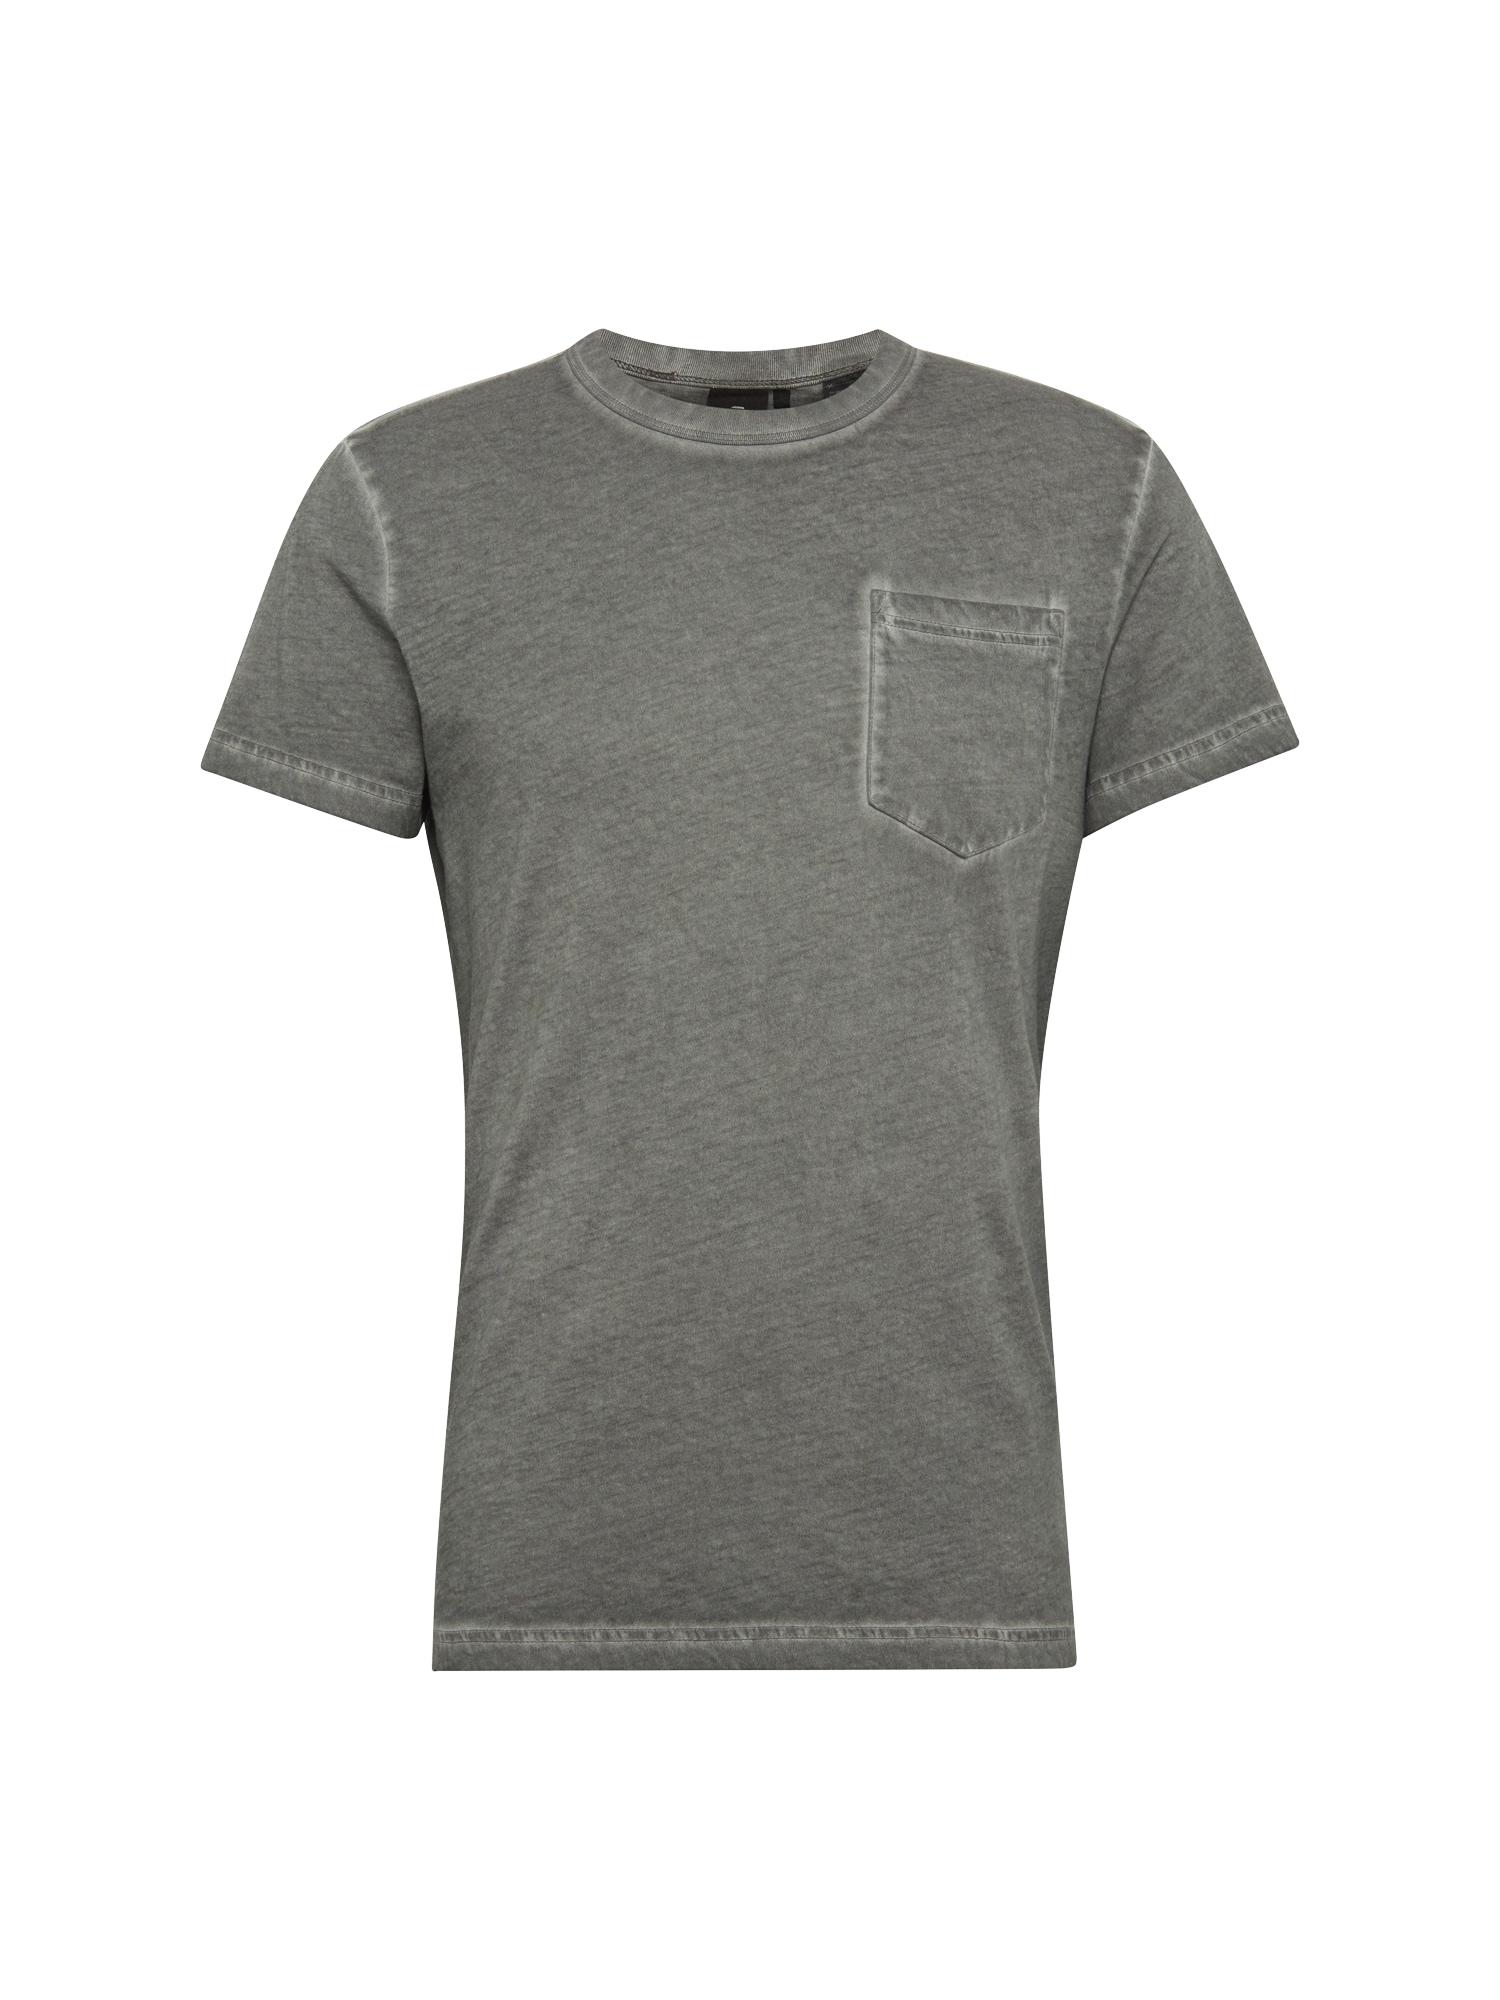 G-STAR RAW Heren Shirt Dill pocket r t s s grijs